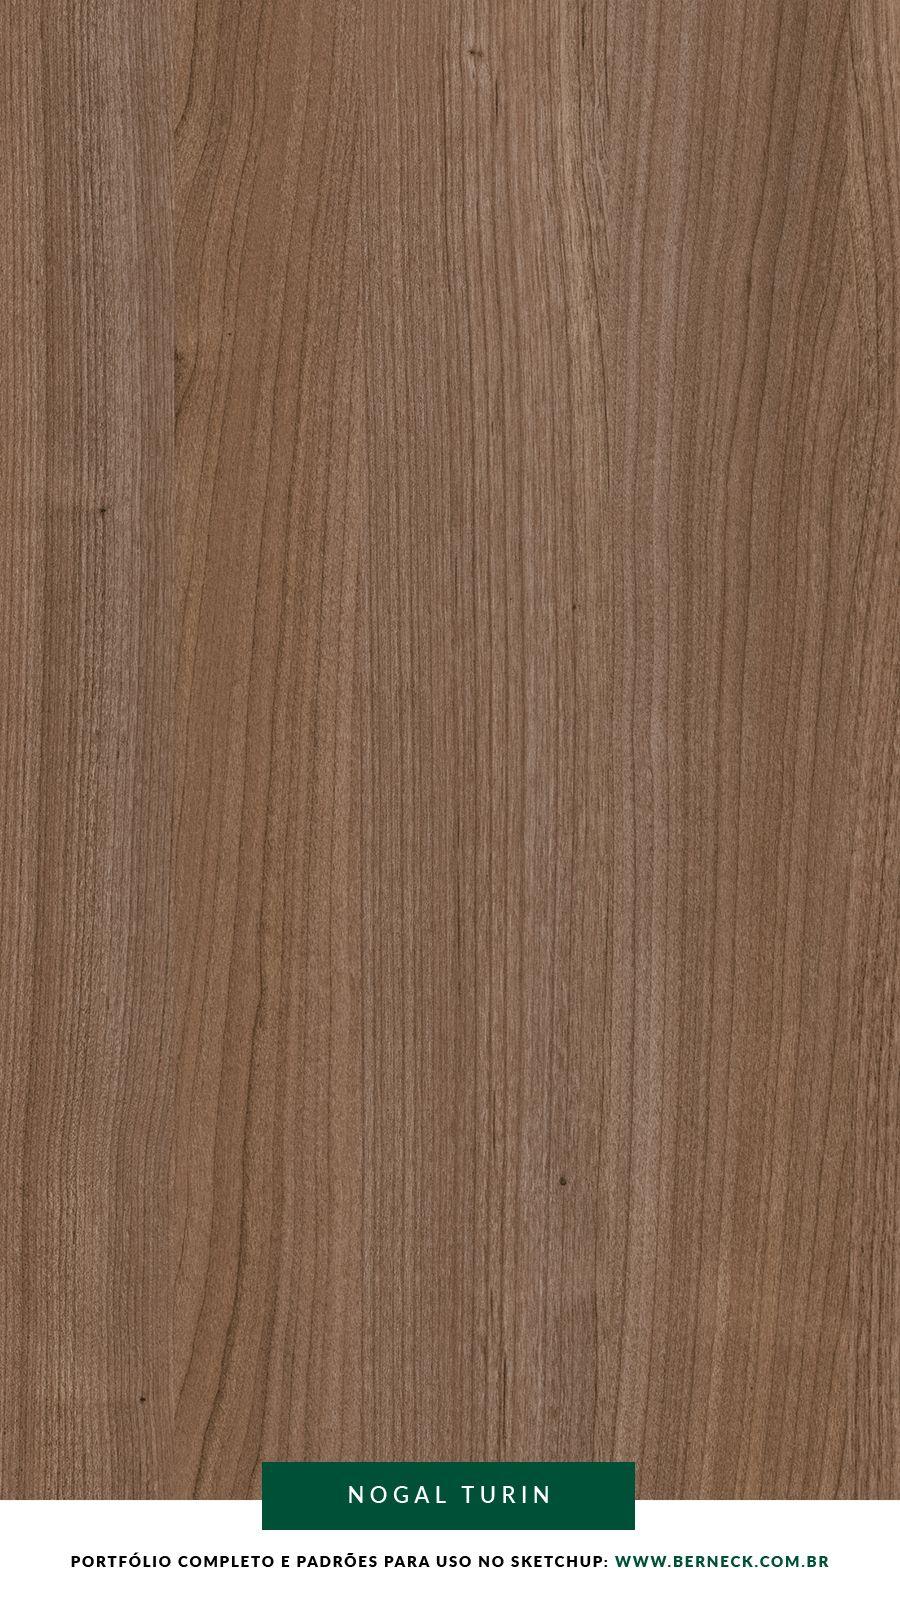 Wood . Melamina BP da Berneck - painéis de MDP, MDF e HDF